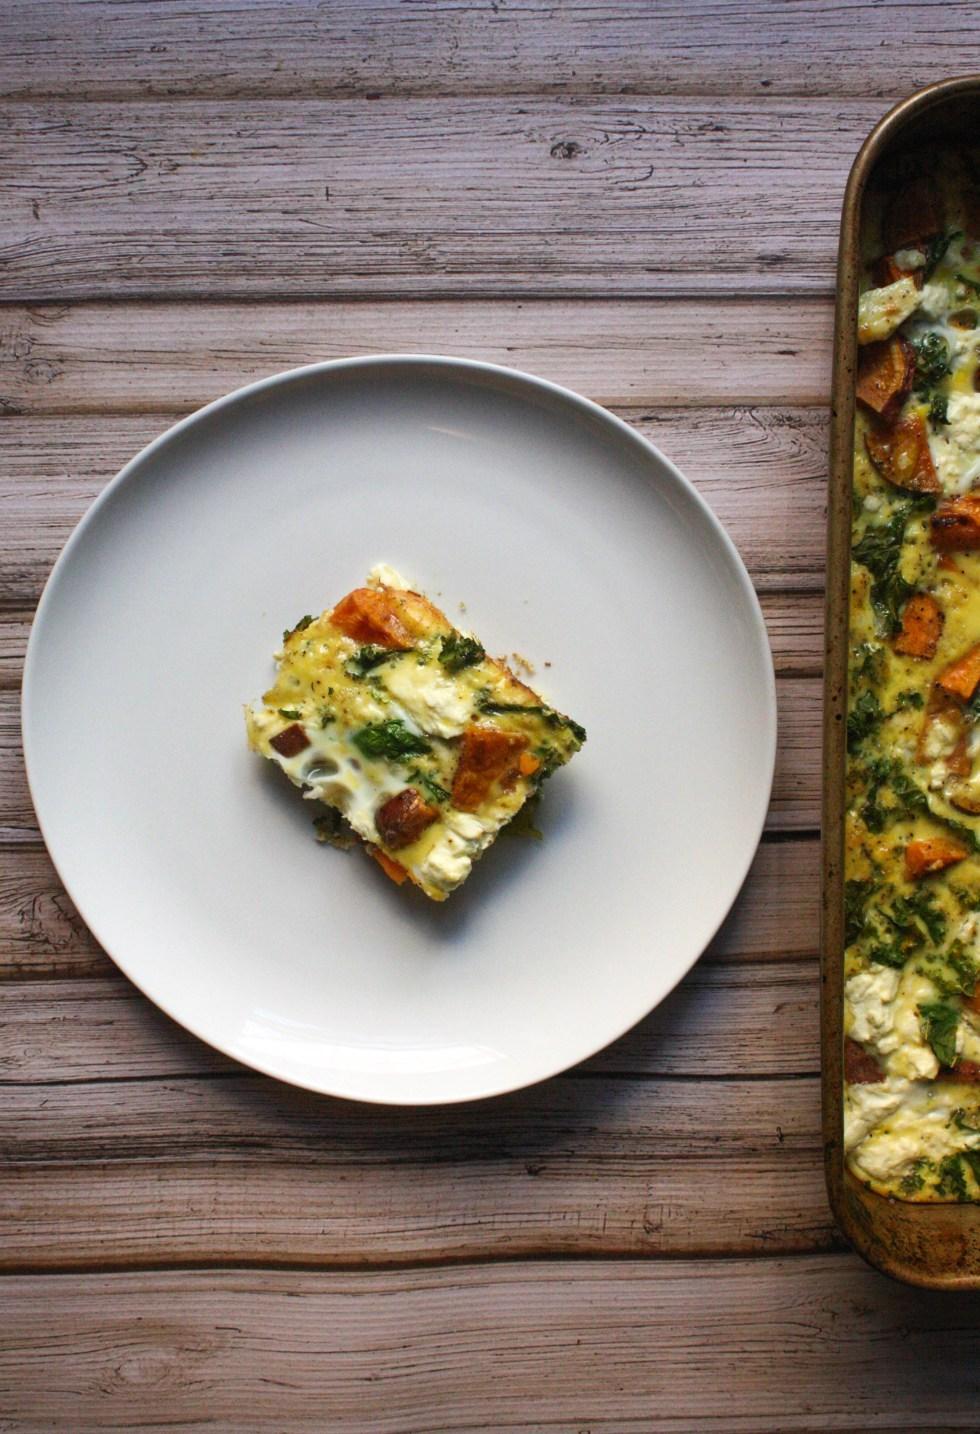 Kale Sweet Potato Breakfast Bake